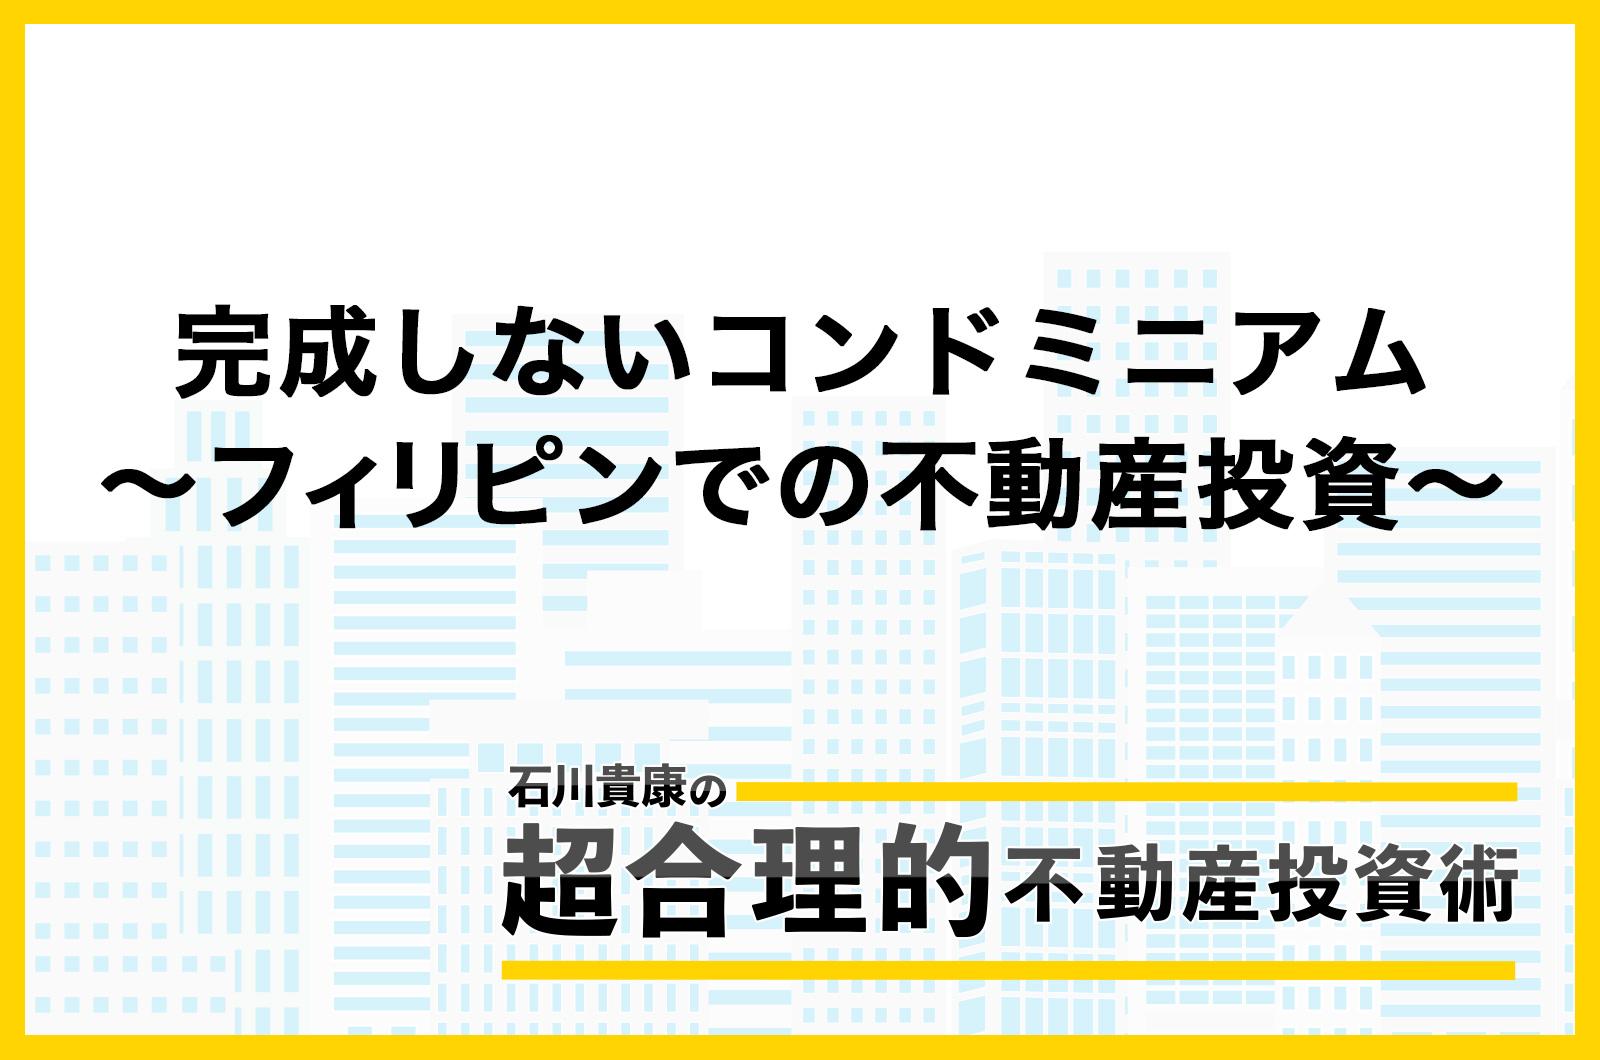 完成しないコンドミニアム 〜フィリピンでの不動産投資〜